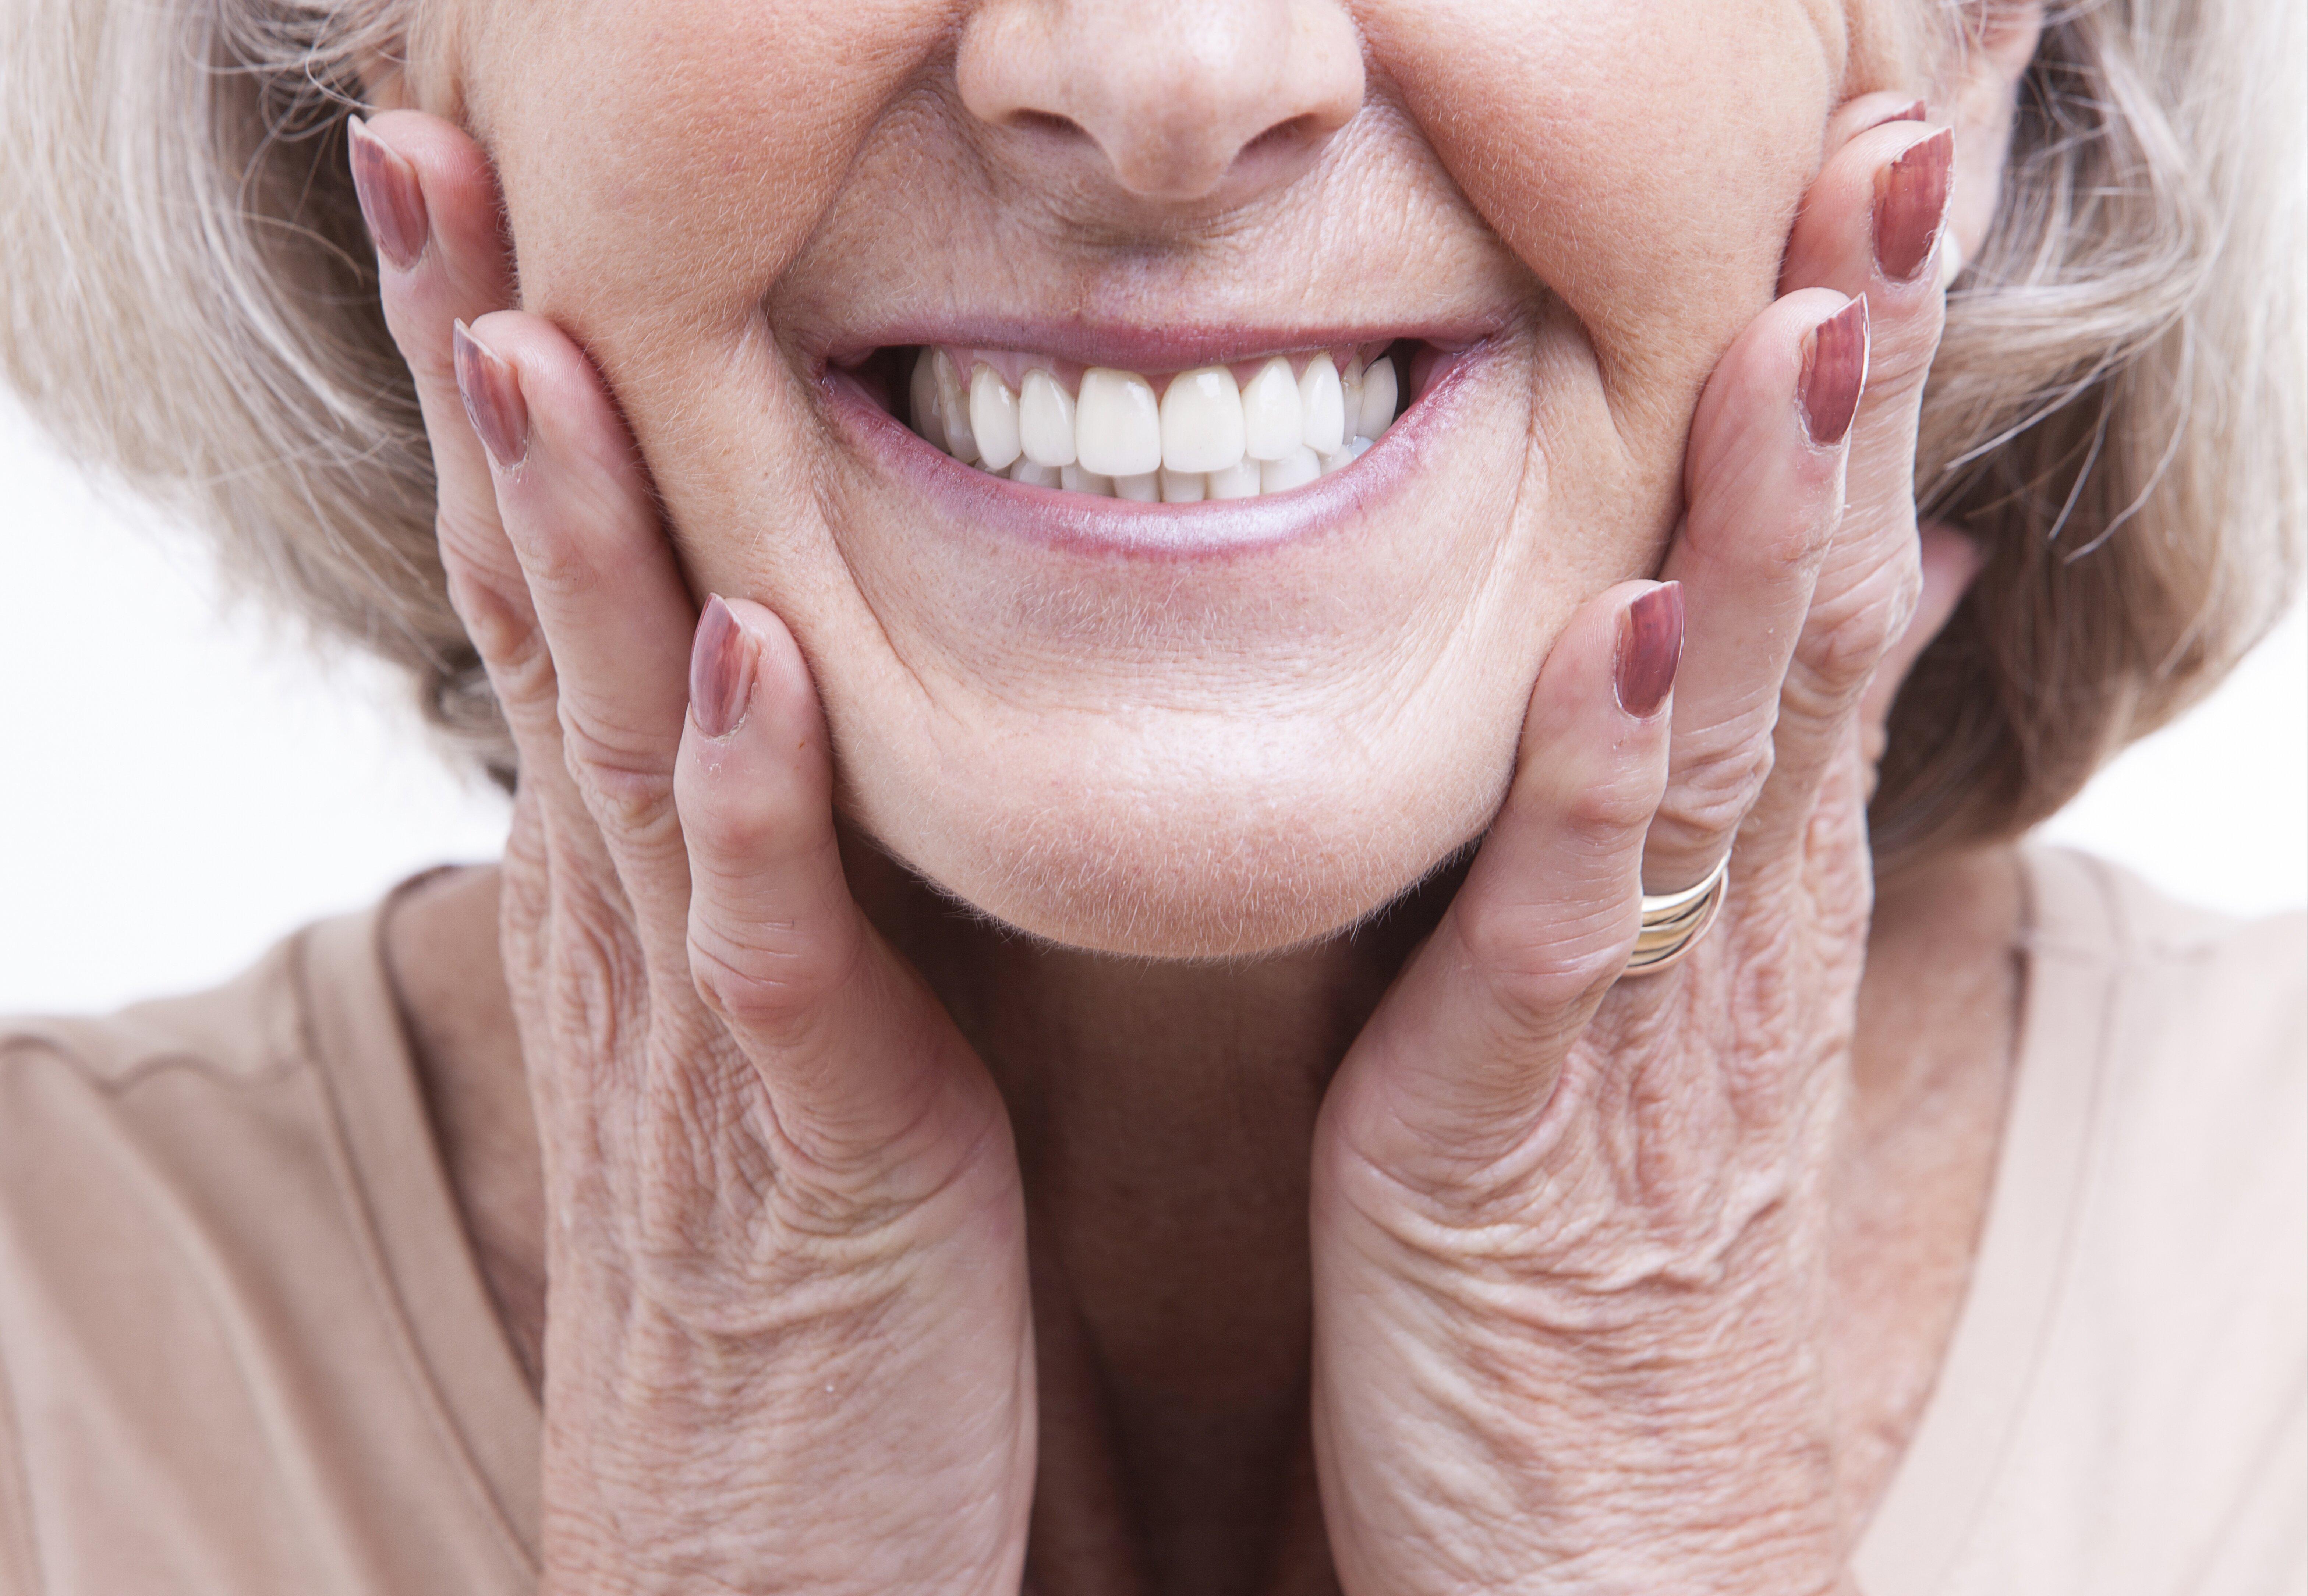 Snug Fit Dentures